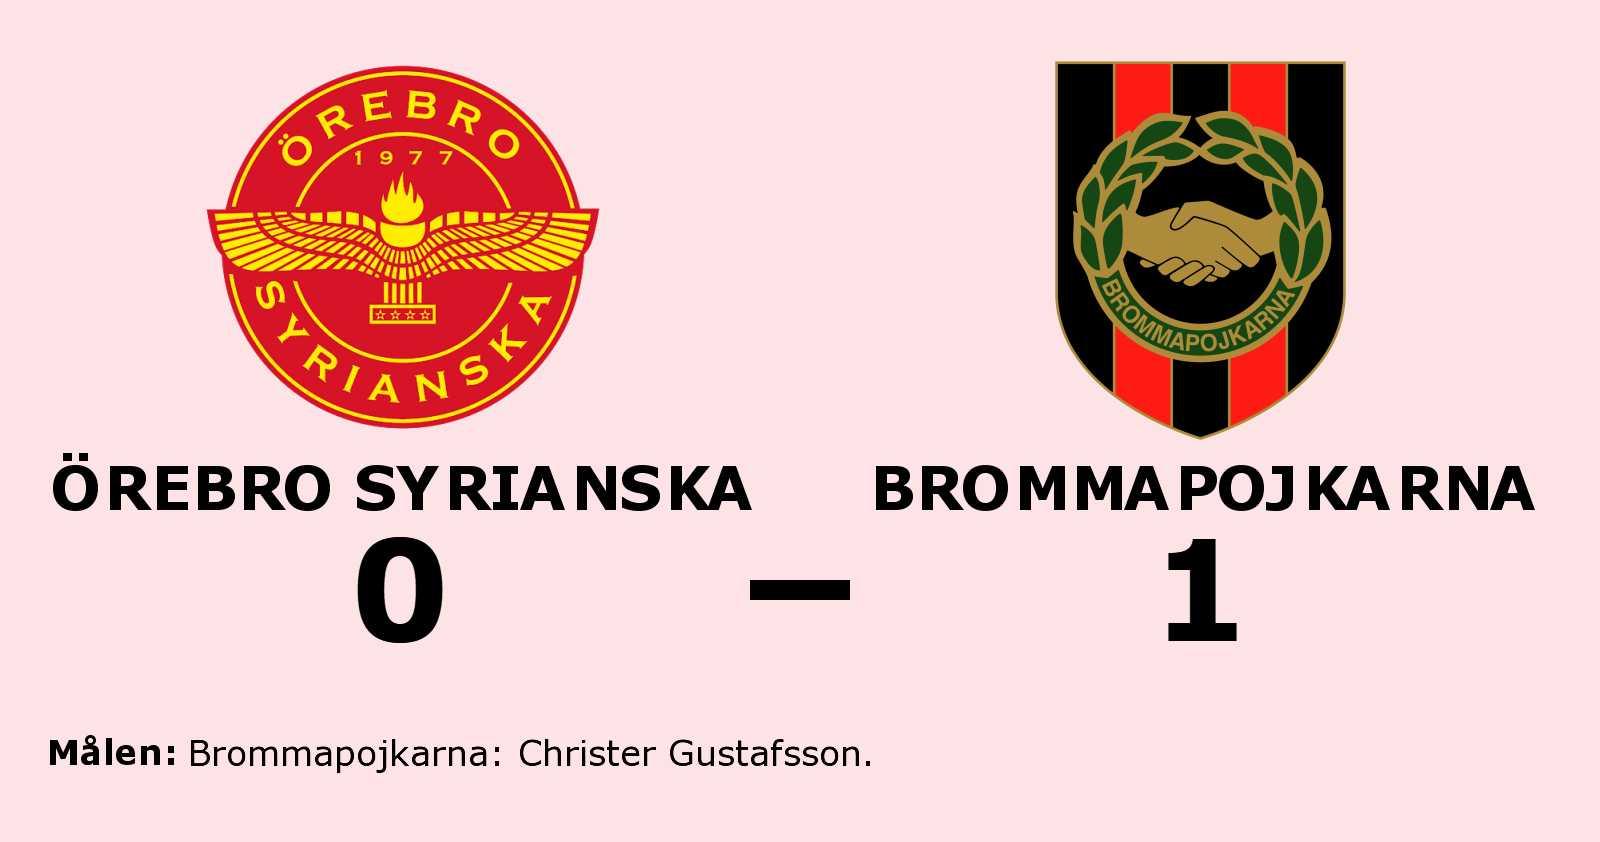 Christer Gustafsson matchhjälte för Brommapojkarna